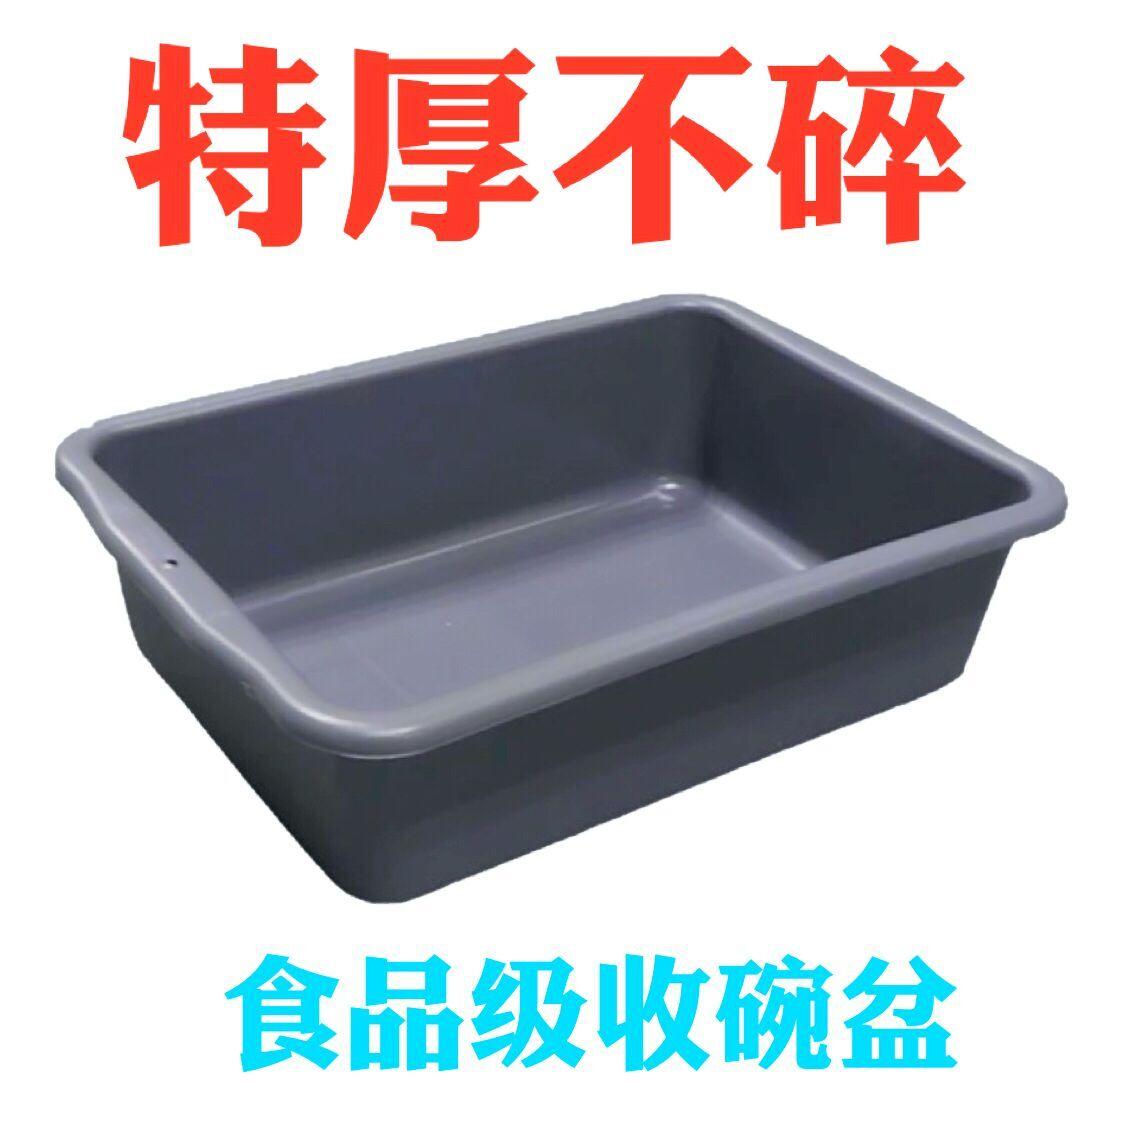 Различная посуда и столовые приборы Артикул 587217248067